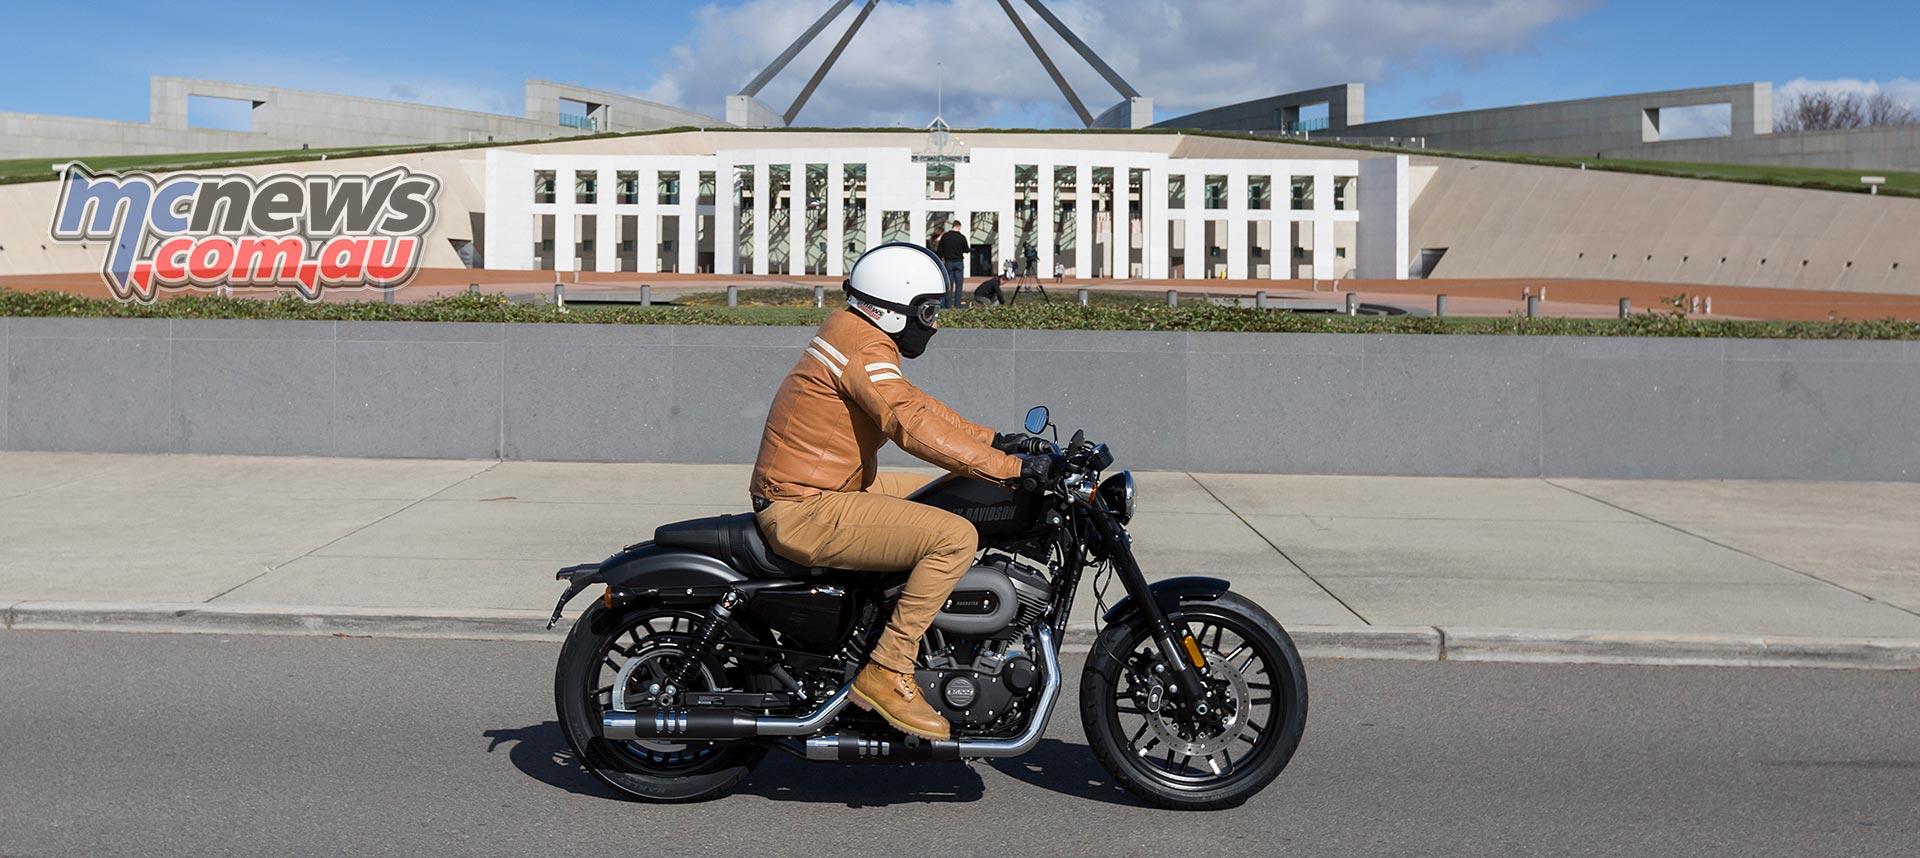 Roadster Harley Davidson